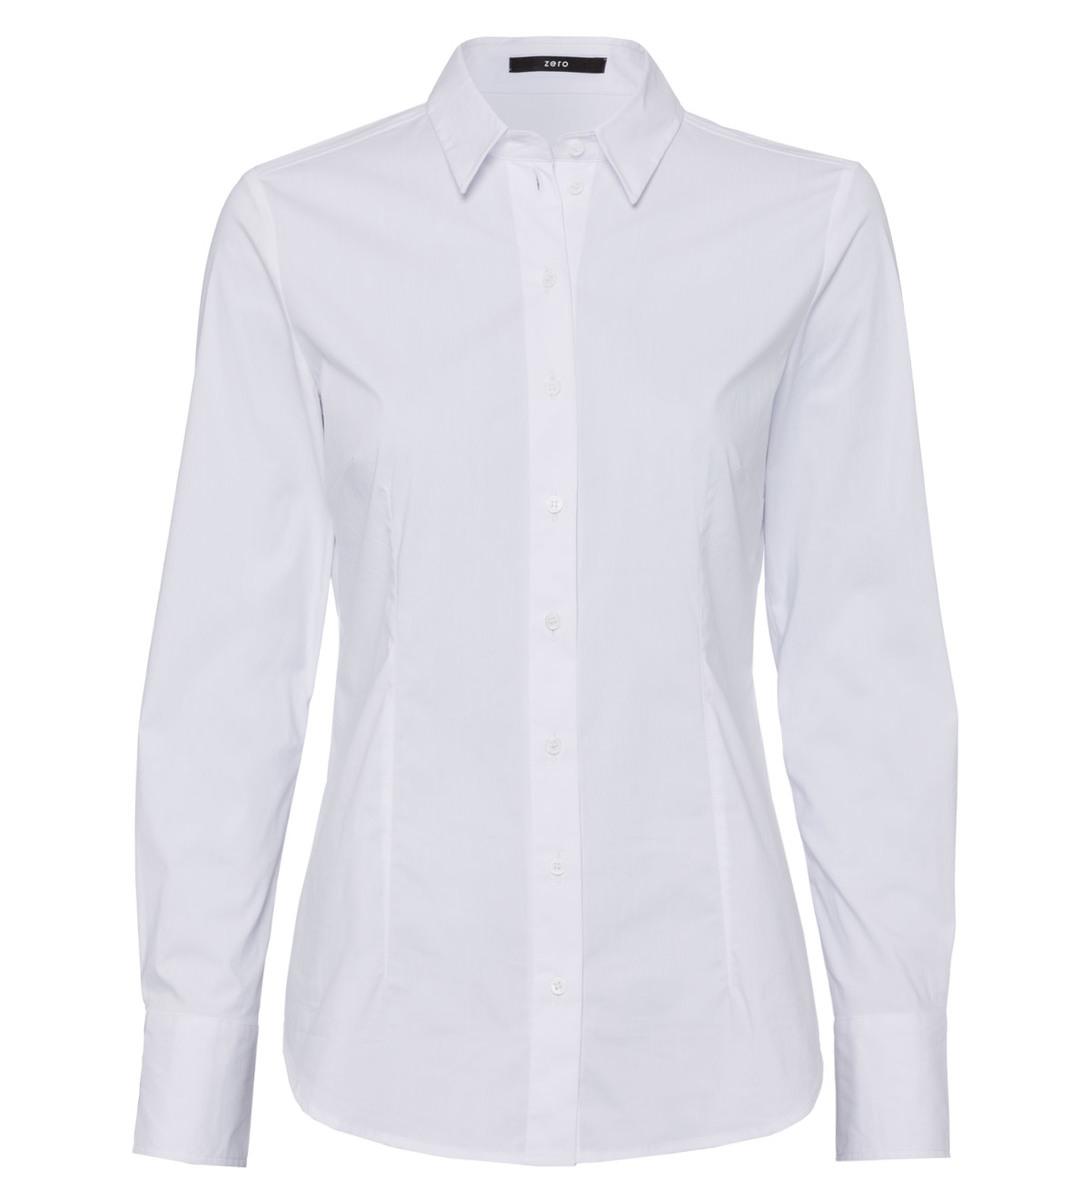 Bluse mit geradem Schnitt in white